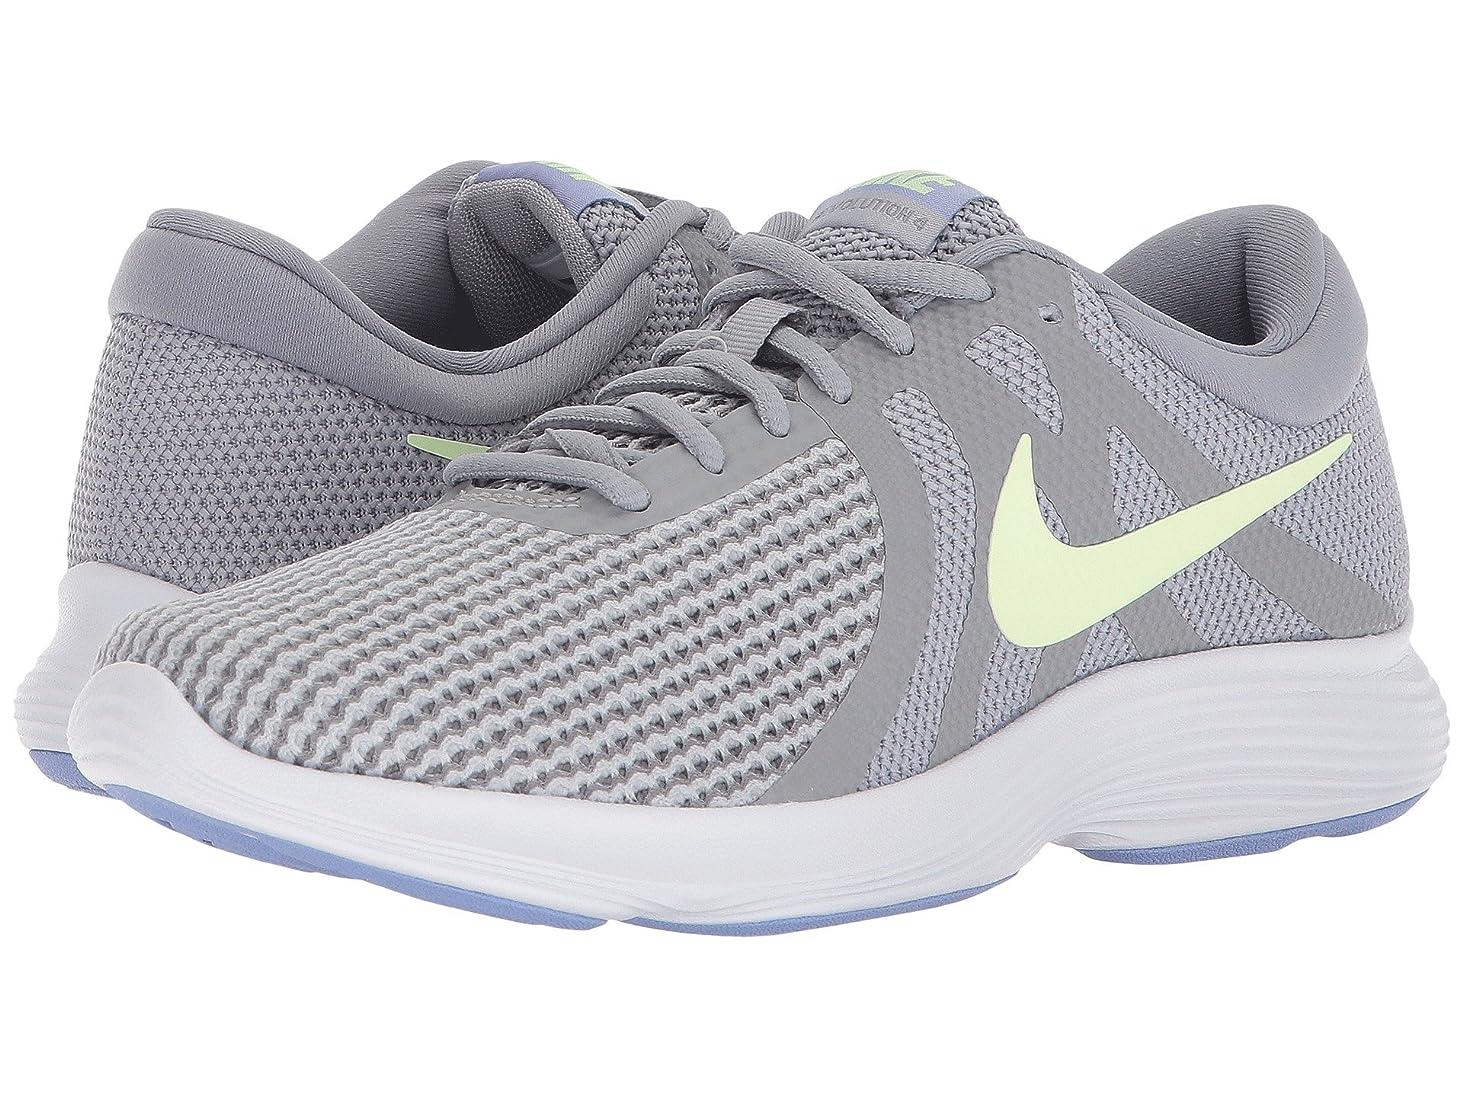 底漂流冒険家(ナイキ) NIKE レディースランニングシューズ?スニーカー?靴 Revolution 4 Wolf Grey/Barely Volt/Stealth 7 (24cm) B - Medium